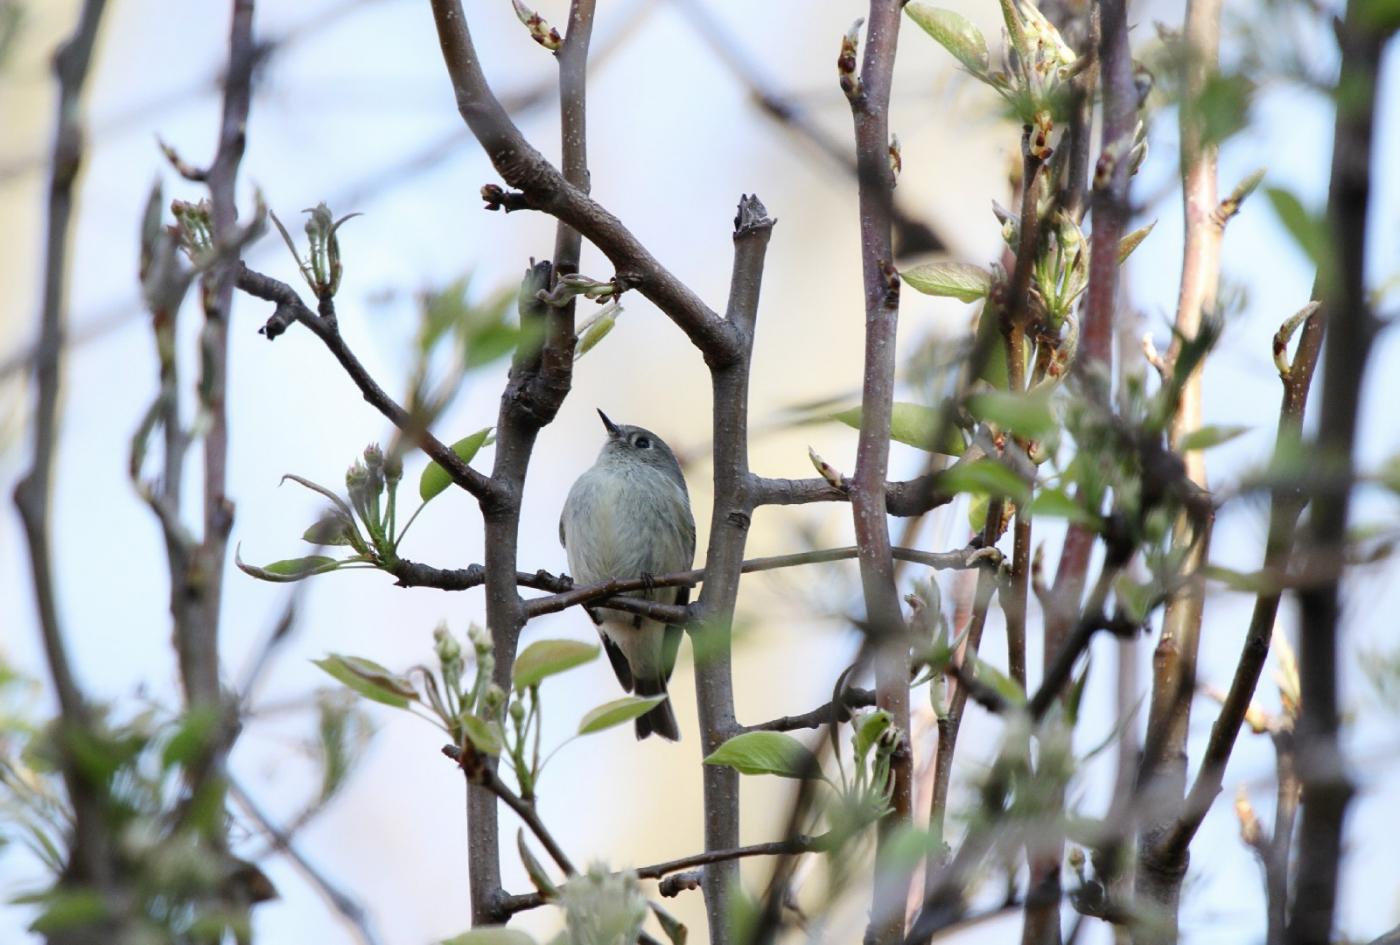 【田螺手机摄影】这个季节我后院最鸟语花香_图1-4